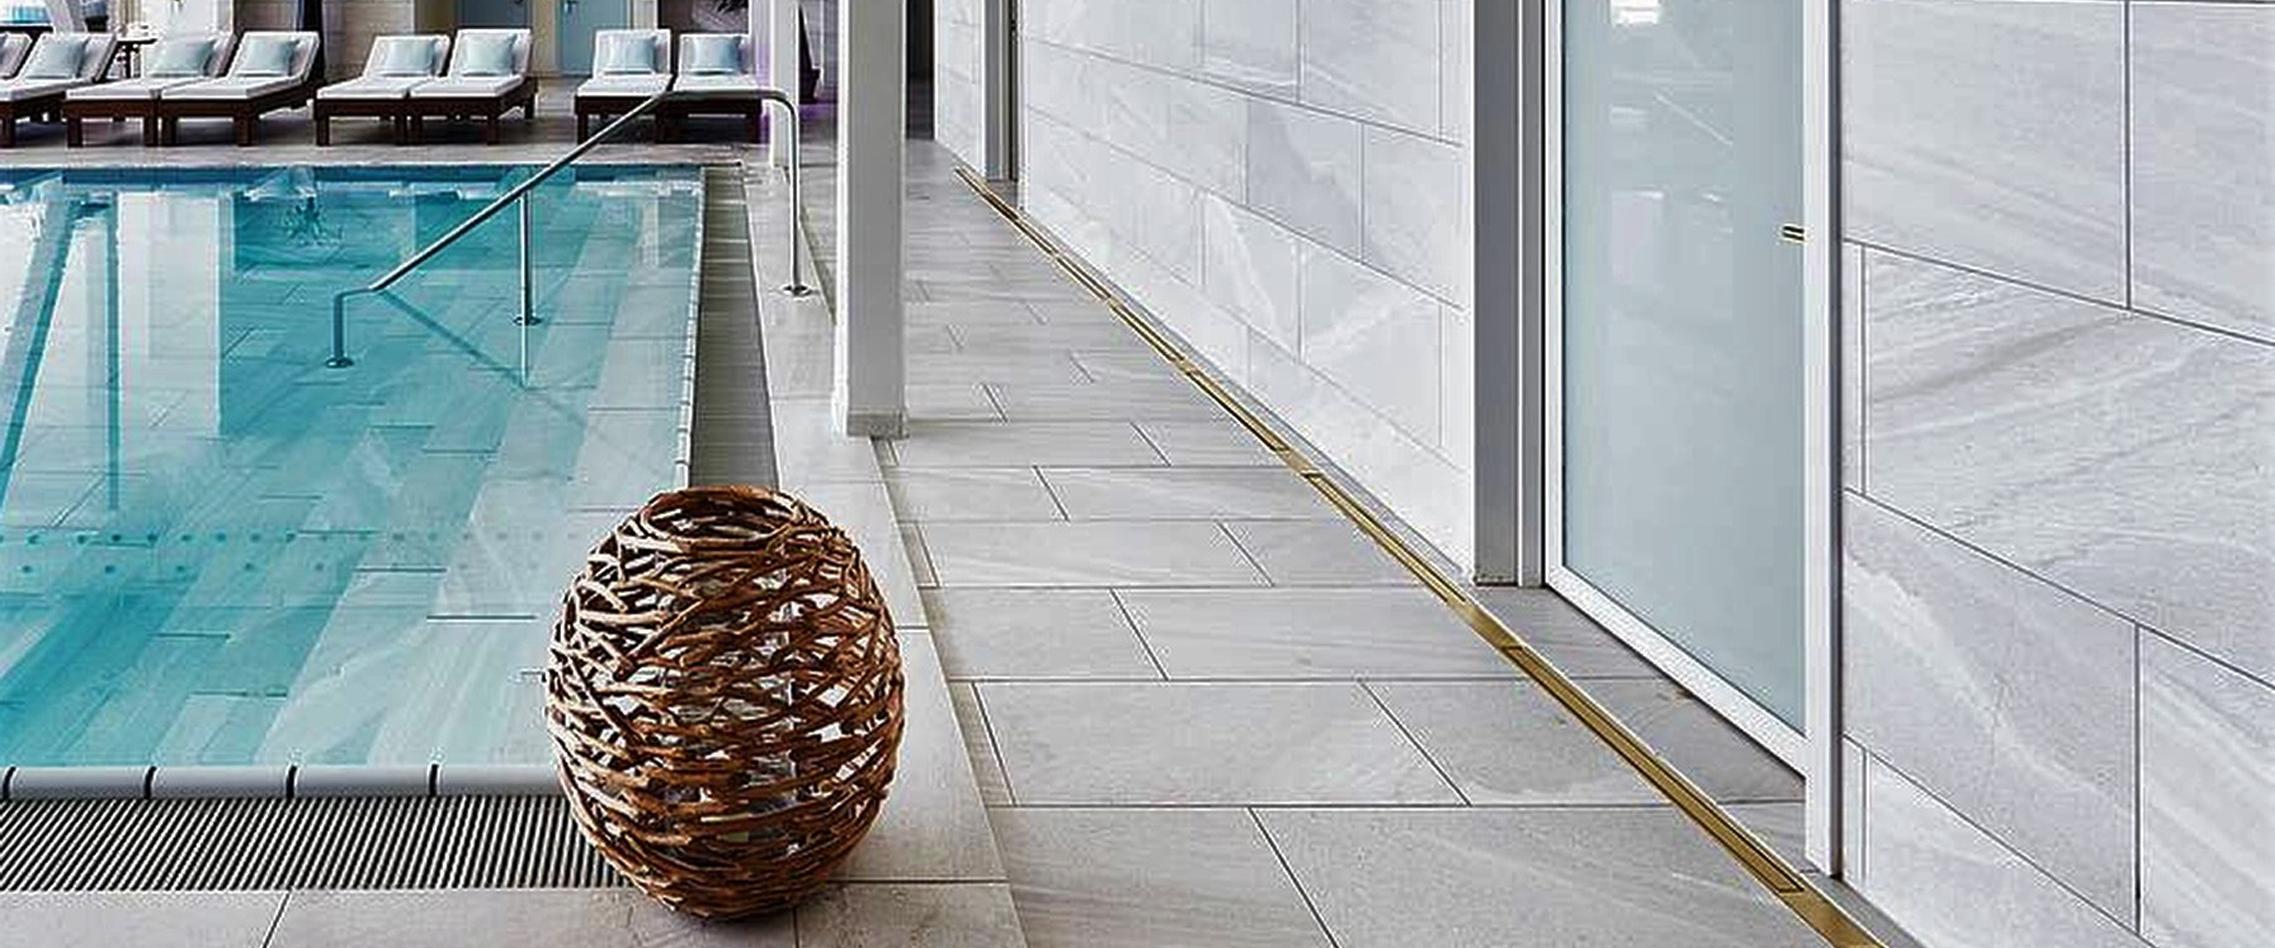 non slip flooring tiles in a wet room swimming pool